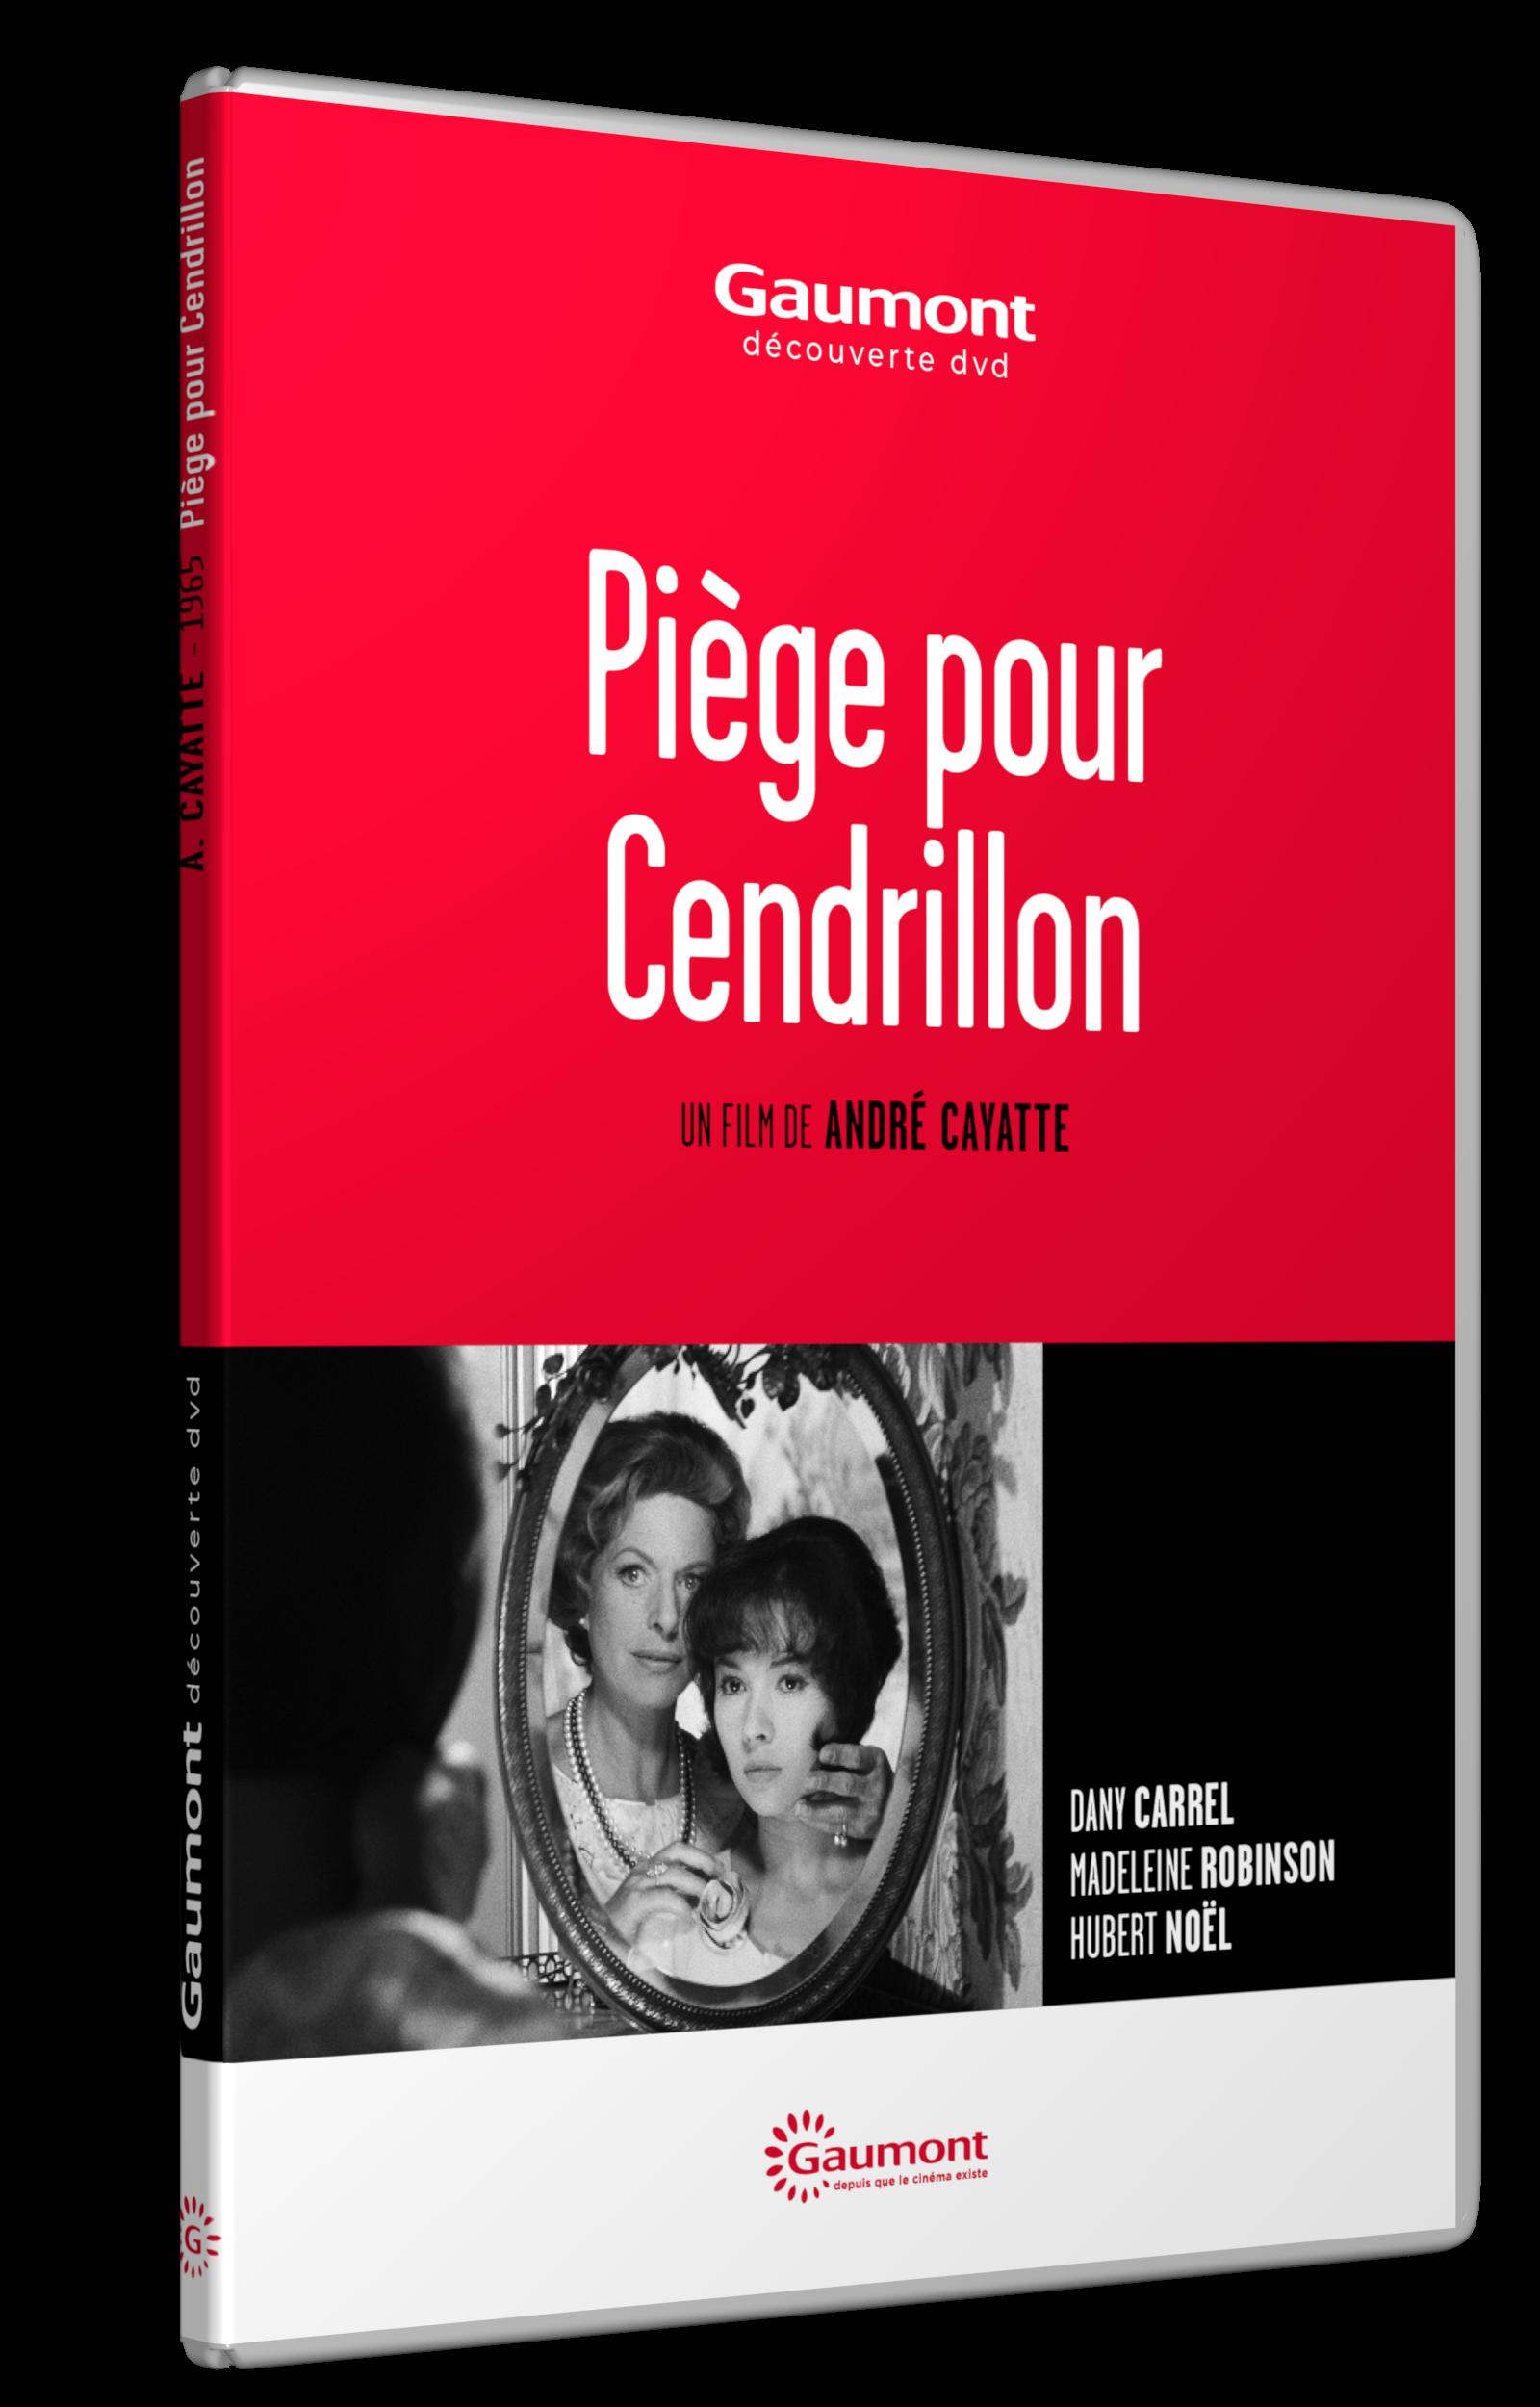 PIEGE POUR CENDRILLON